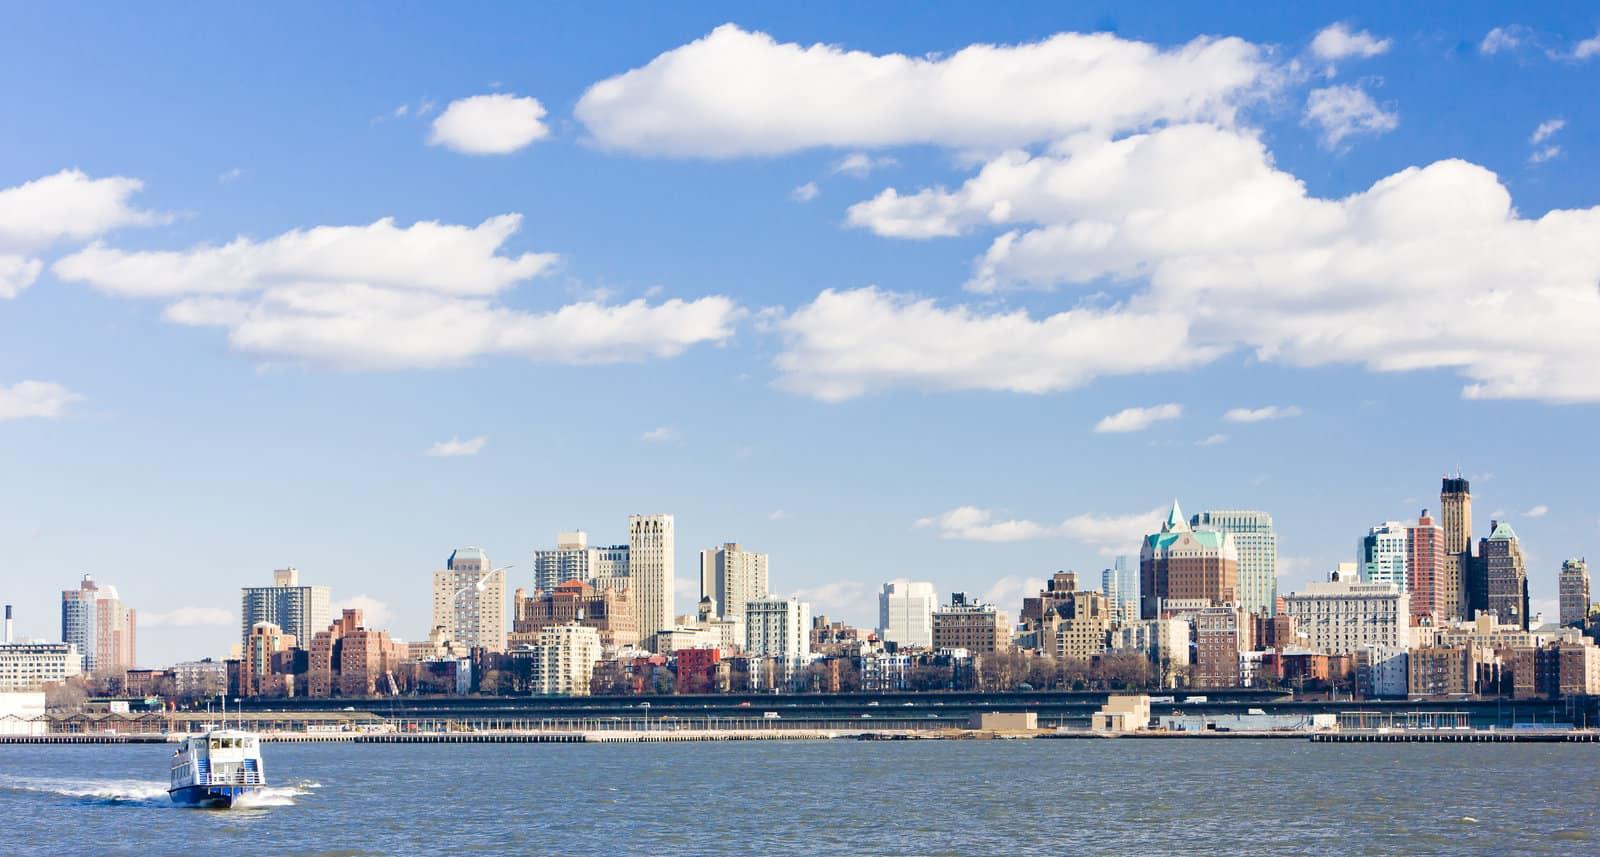 Starrett City Brooklyn, NY Private Investigator